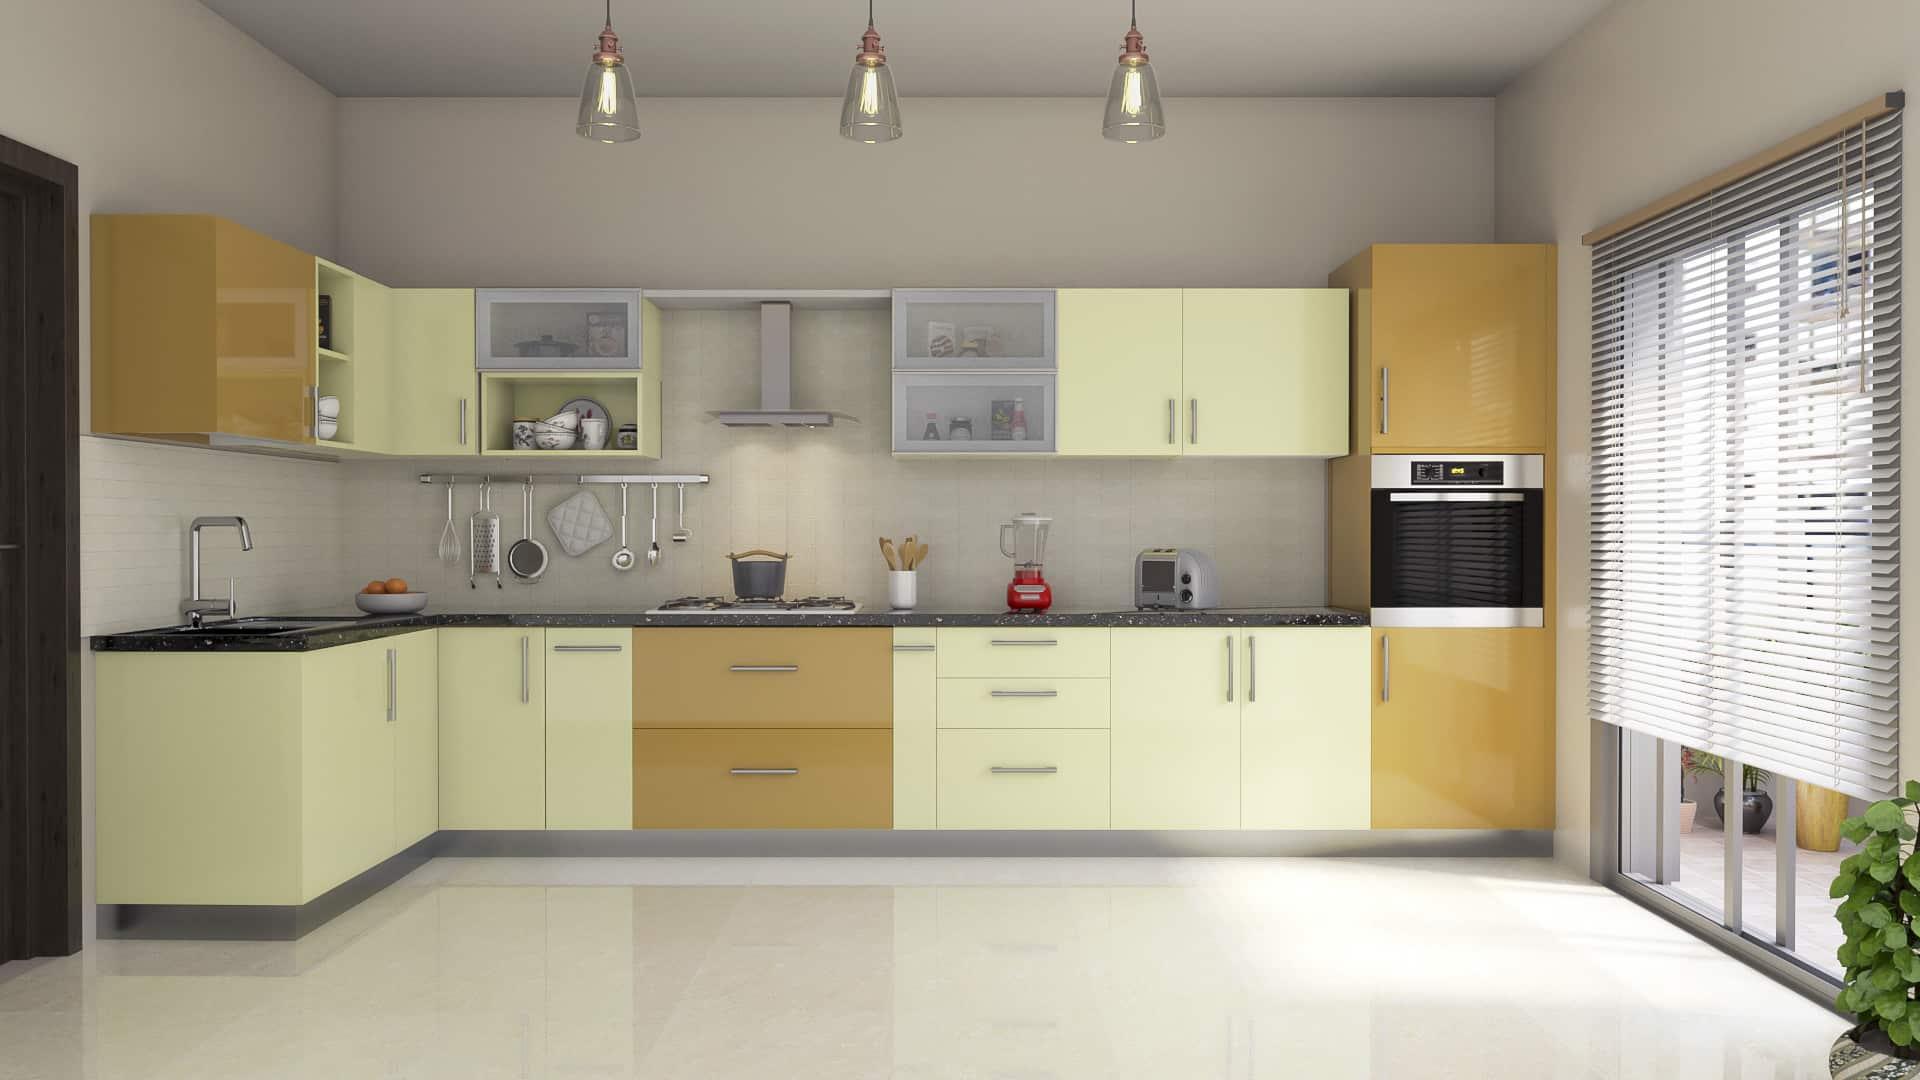 Modular Kitchen - Galaxy Modular